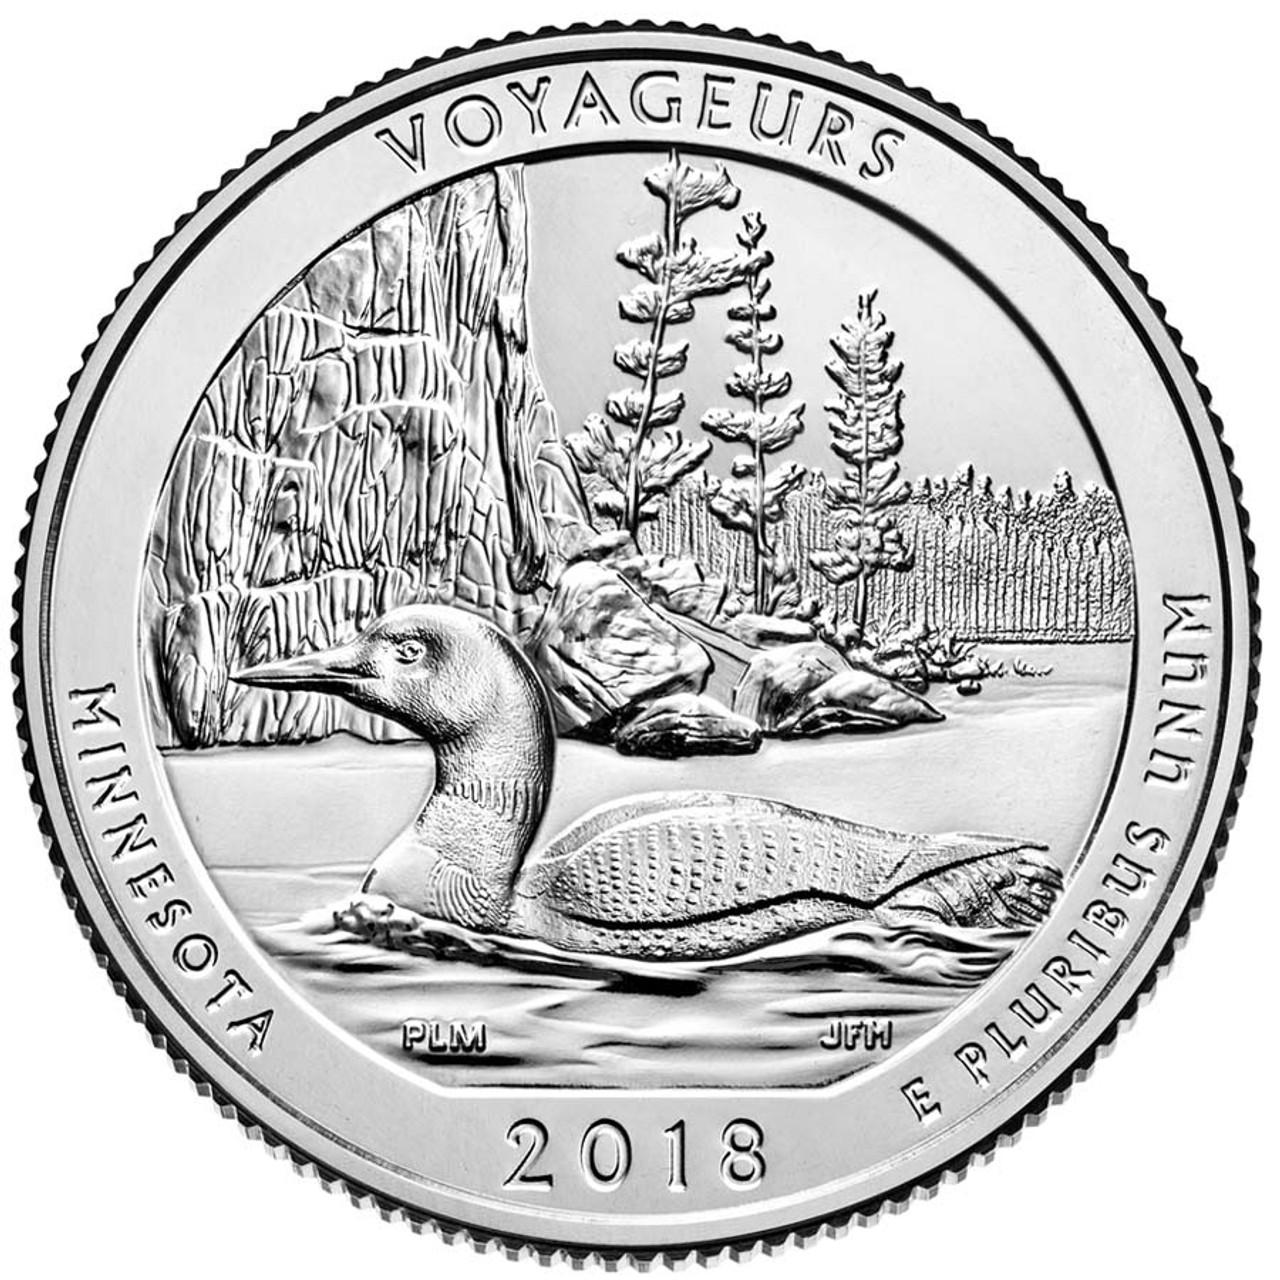 2018-D Voyageurs National Park Quarter Brilliant Uncirculated Image 1